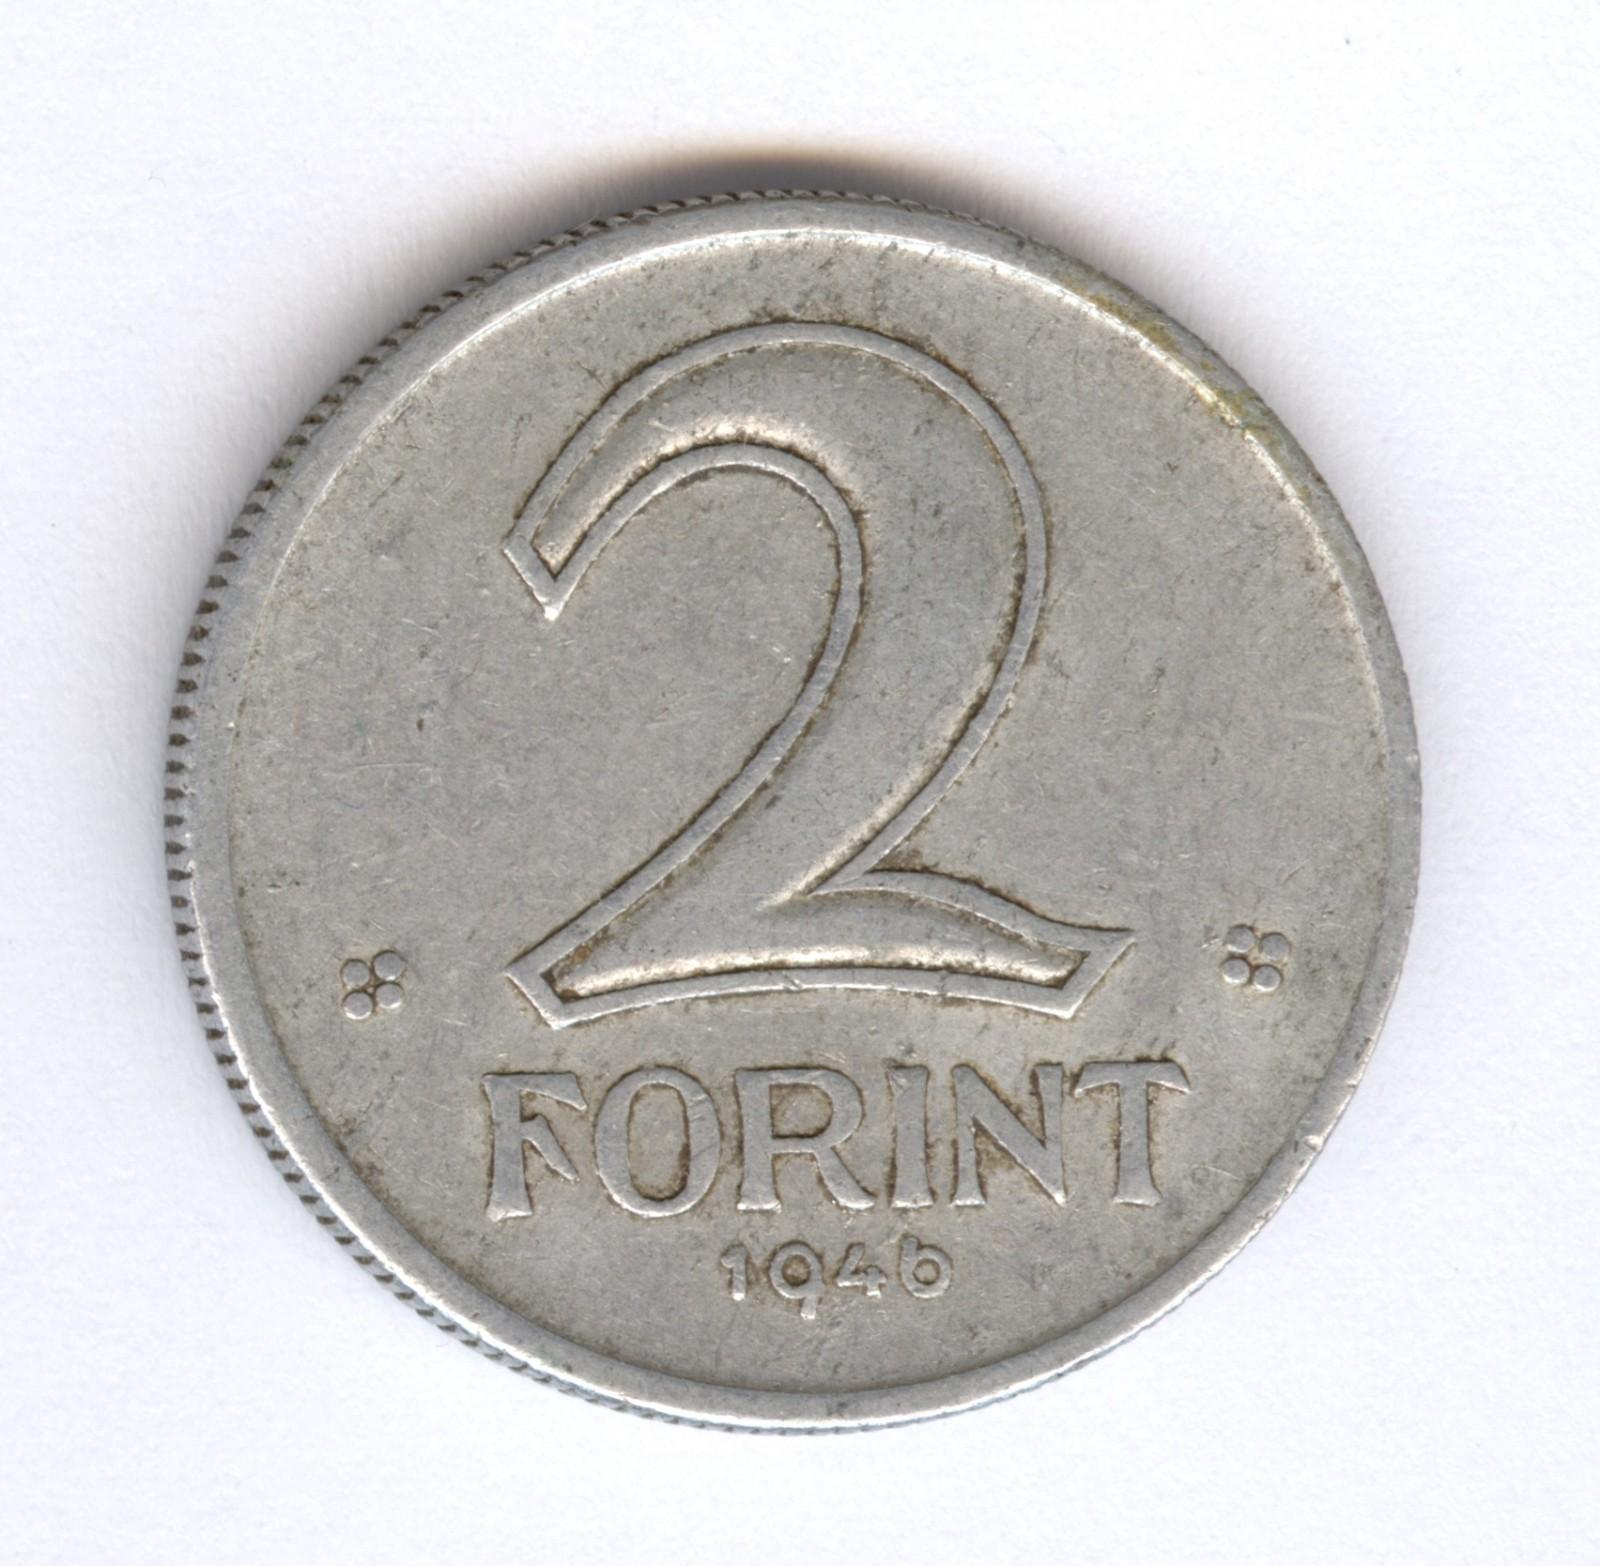 http://www.forintportal.hu/hirek/1946-os-2-forint-eredeti-es-az-artex-utanveret/1946-os-2-forint-eredeti-es-az-artex-utanveret_hasznalt_nagy.jpg